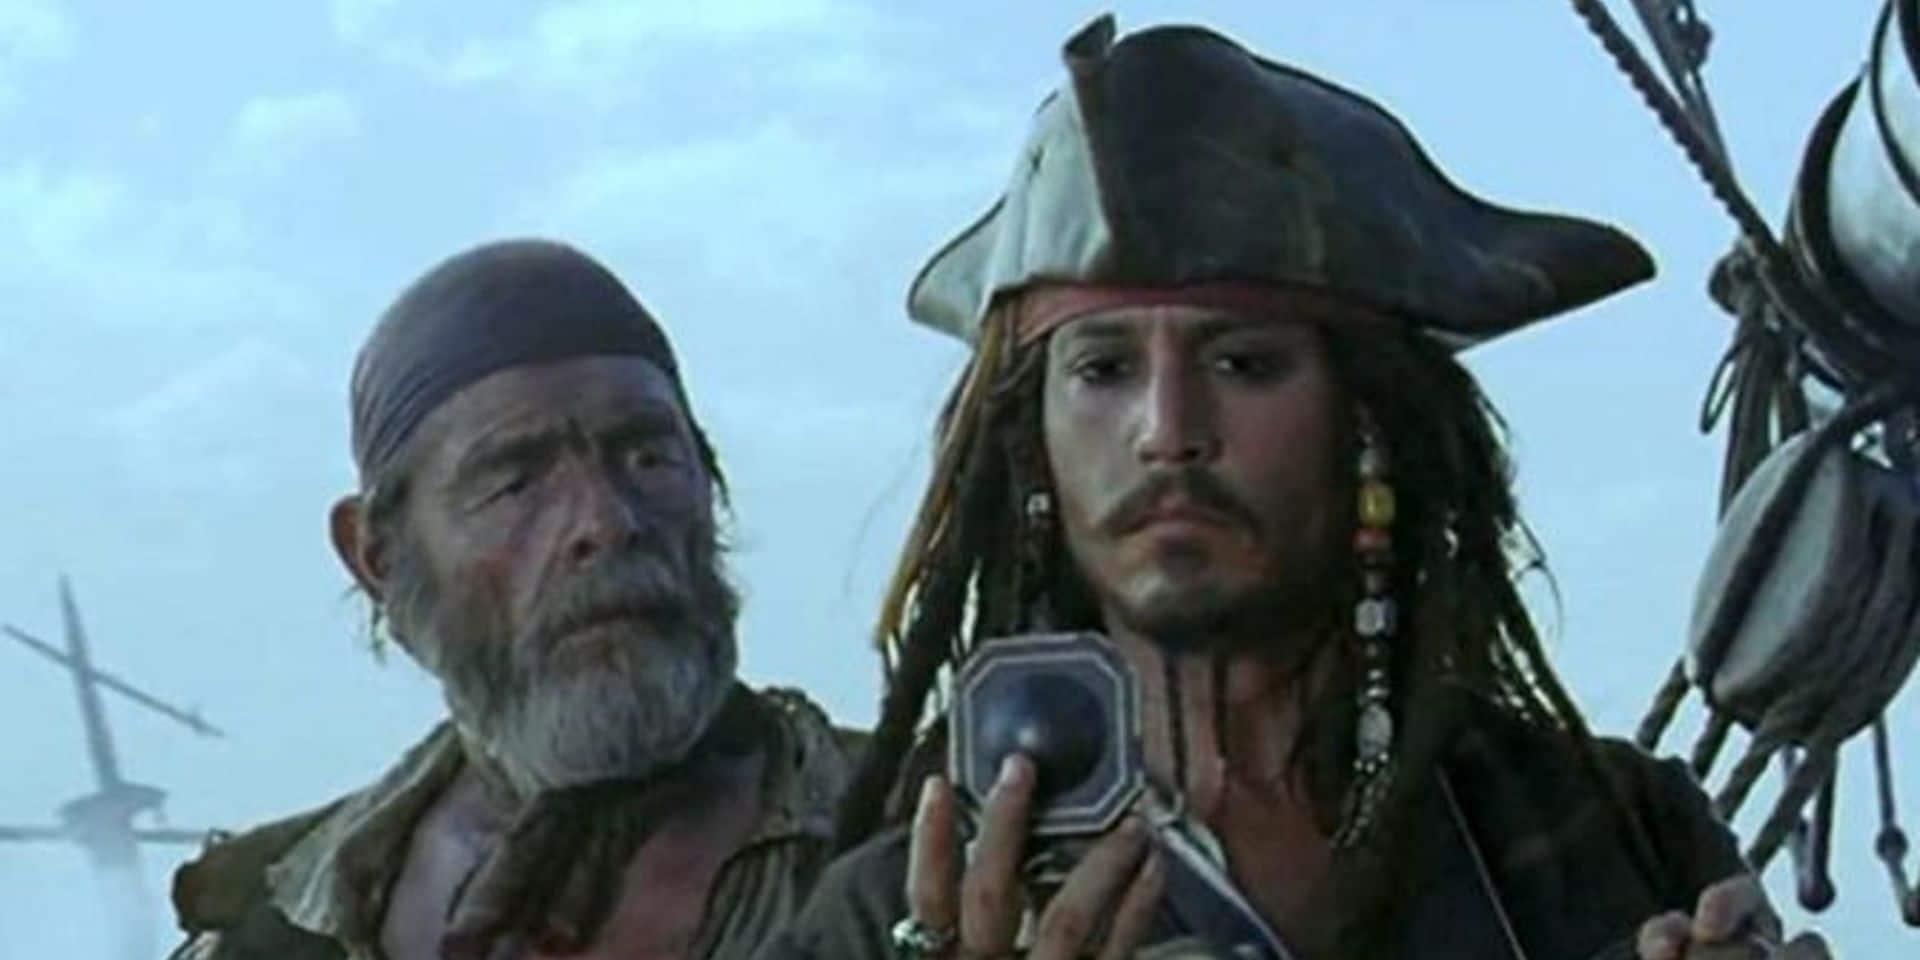 Le drapeau des pirates des Caraïbes est en berne: un acteur récurrent de la saga est décédé